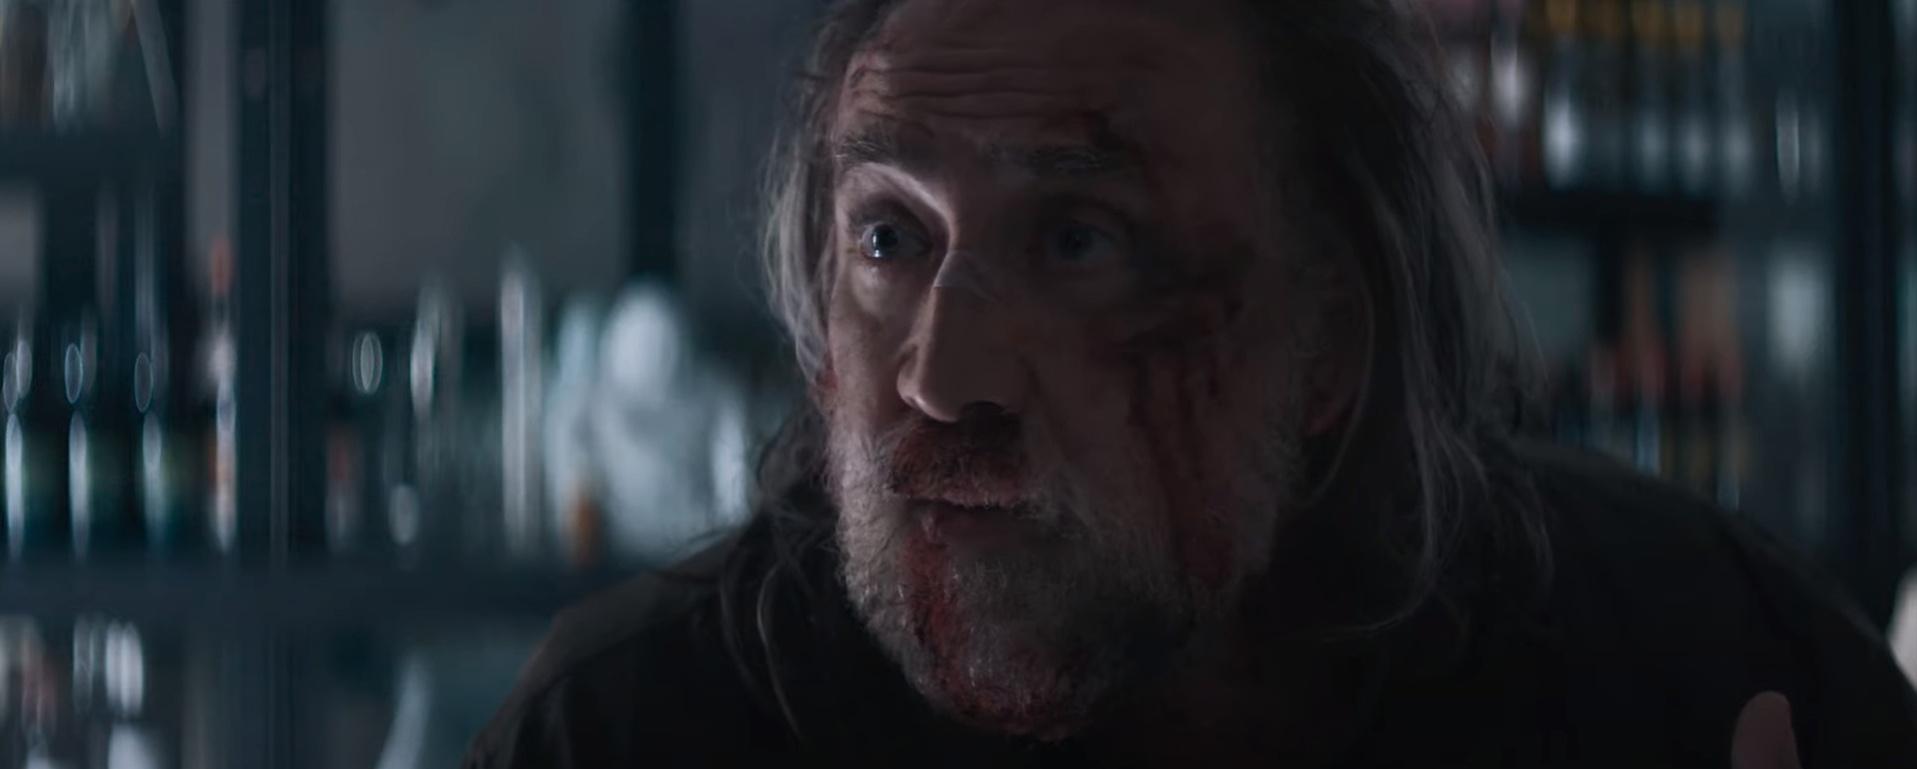 Николас Кейдж отчаянно ищет пропавшее животное в трейлере фильма «Свинья»